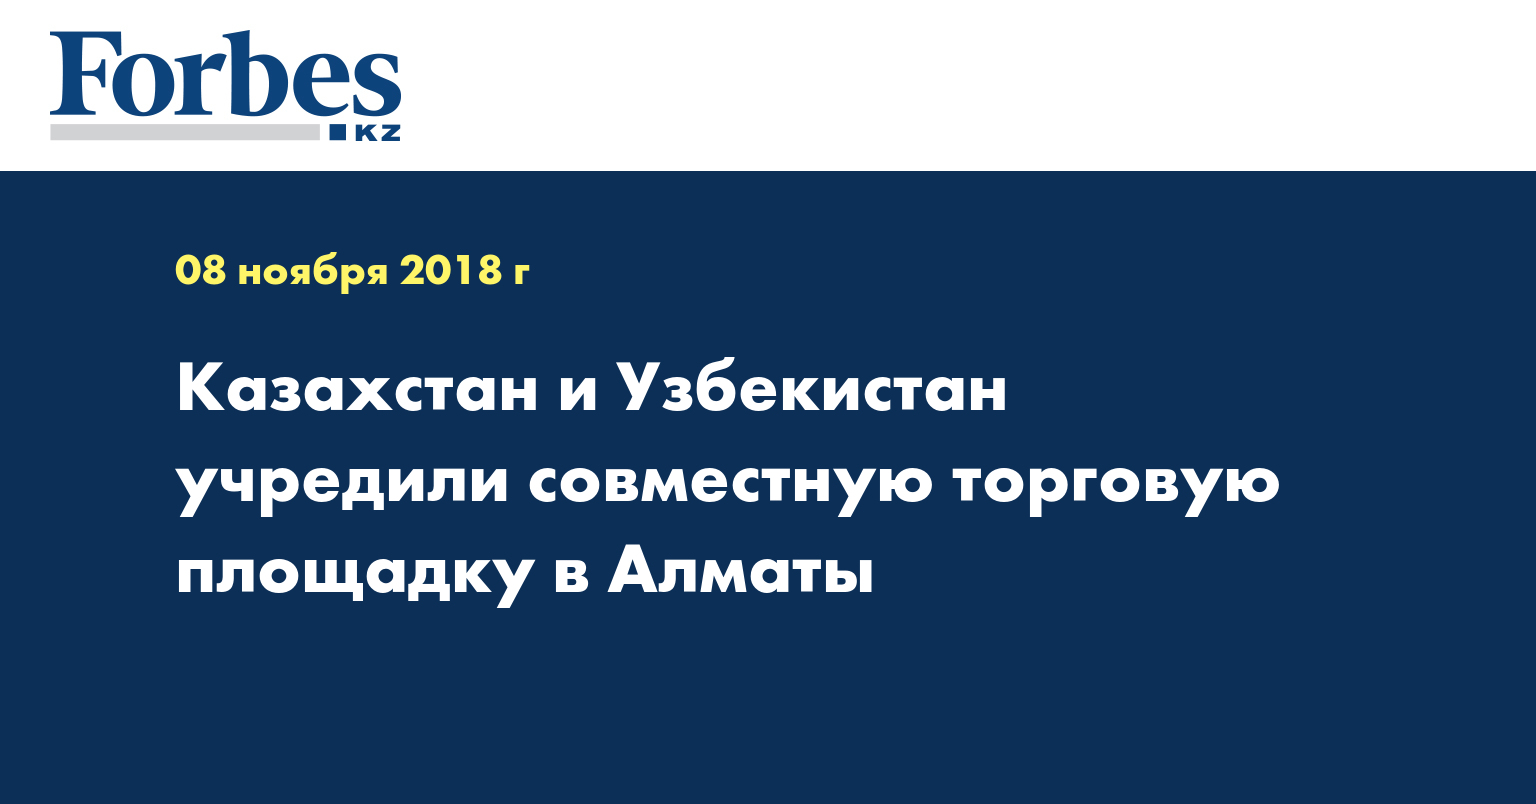 Казахстан и Узбекистан учредили совместную торговую площадку в Алматы